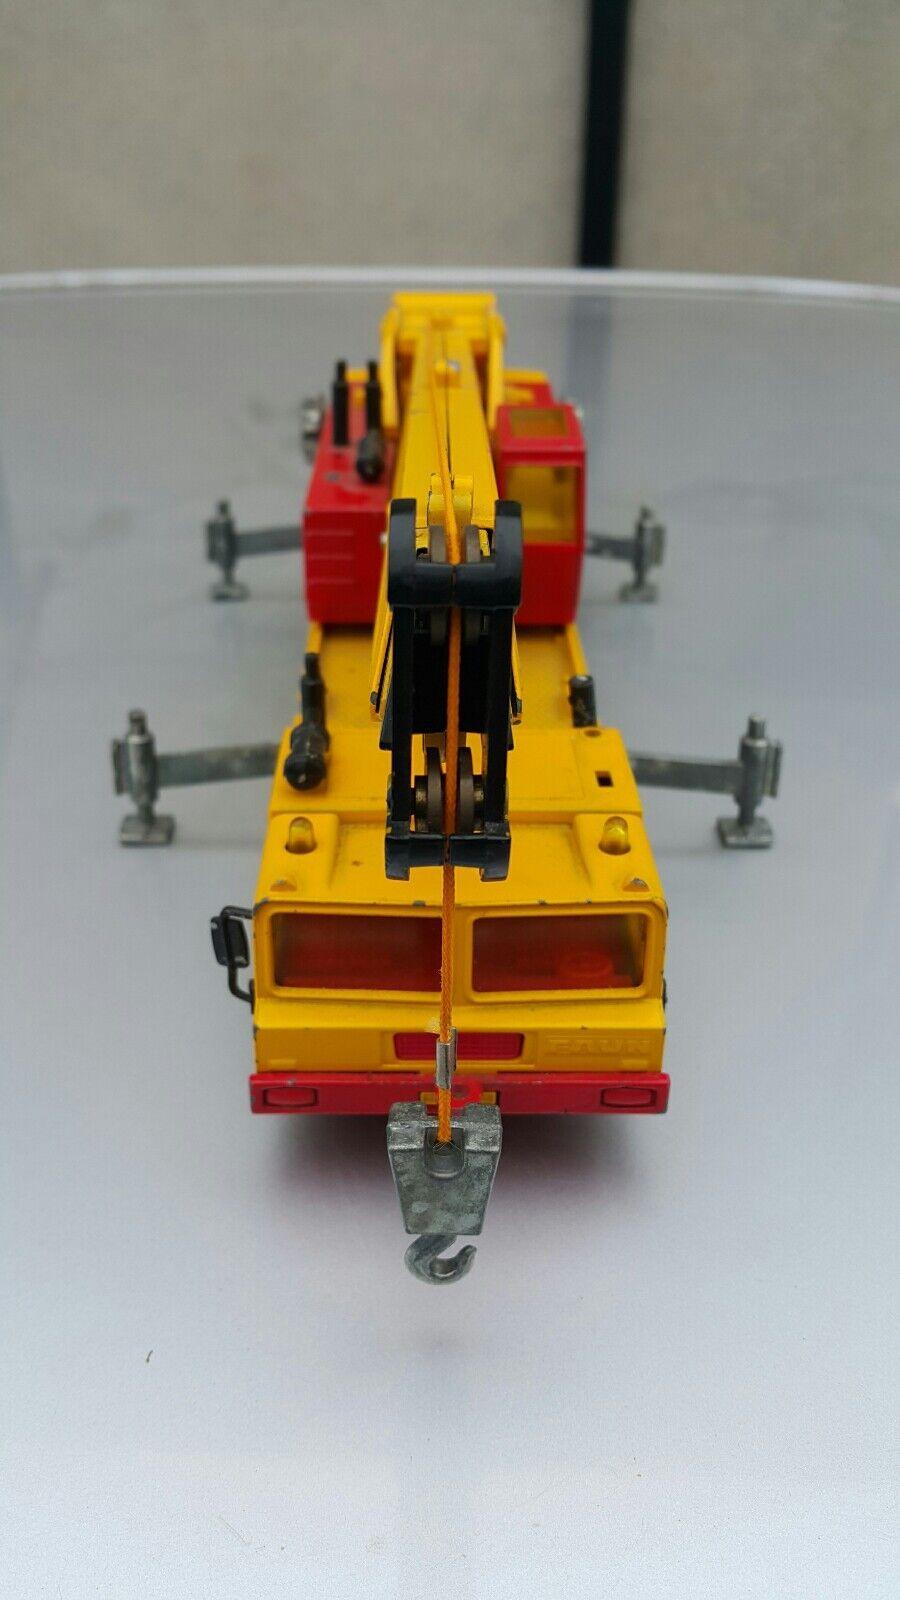 Vintage Grue Siku 4010 étain métal jouet  de construction véhicule WEST GERhommeY DDR RDA  livraison rapide